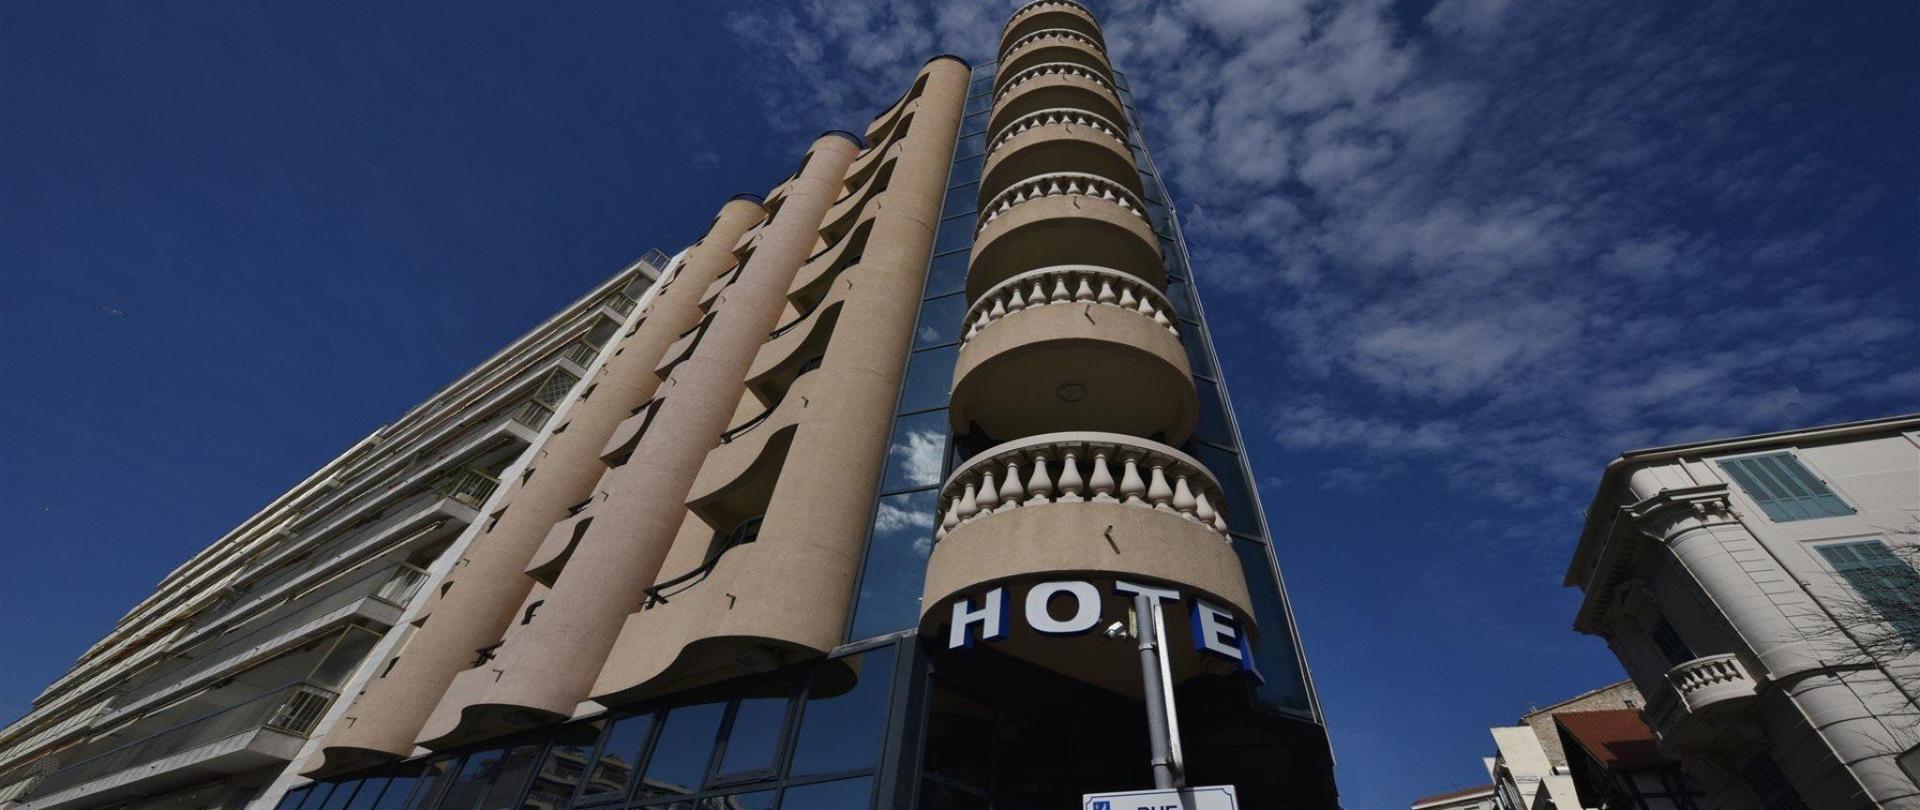 facade-hotel-2-1920-x-1080.jpg